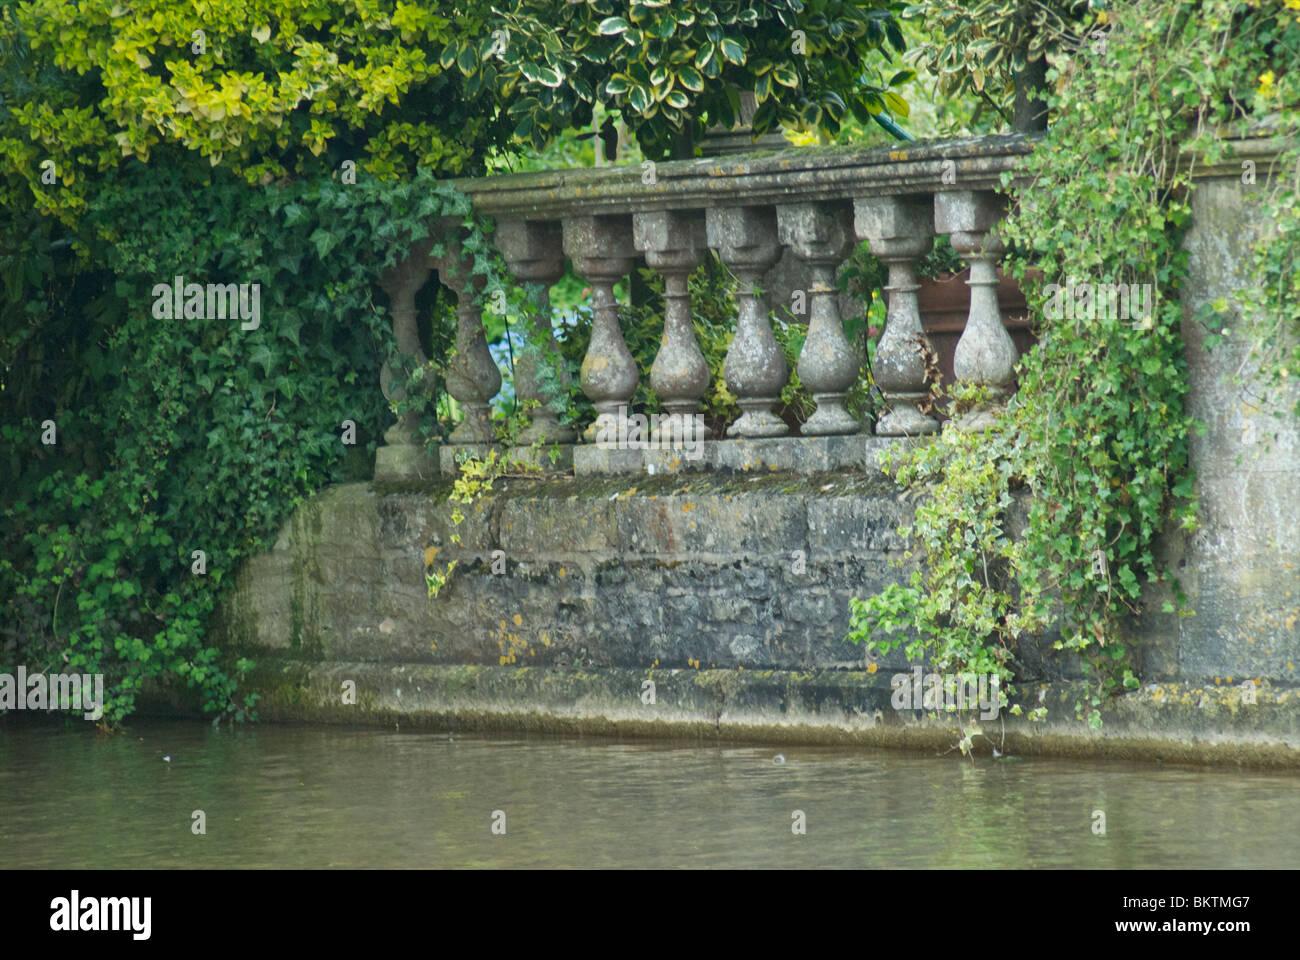 Stein Balustrade von Wasser mit Laub Stockbild